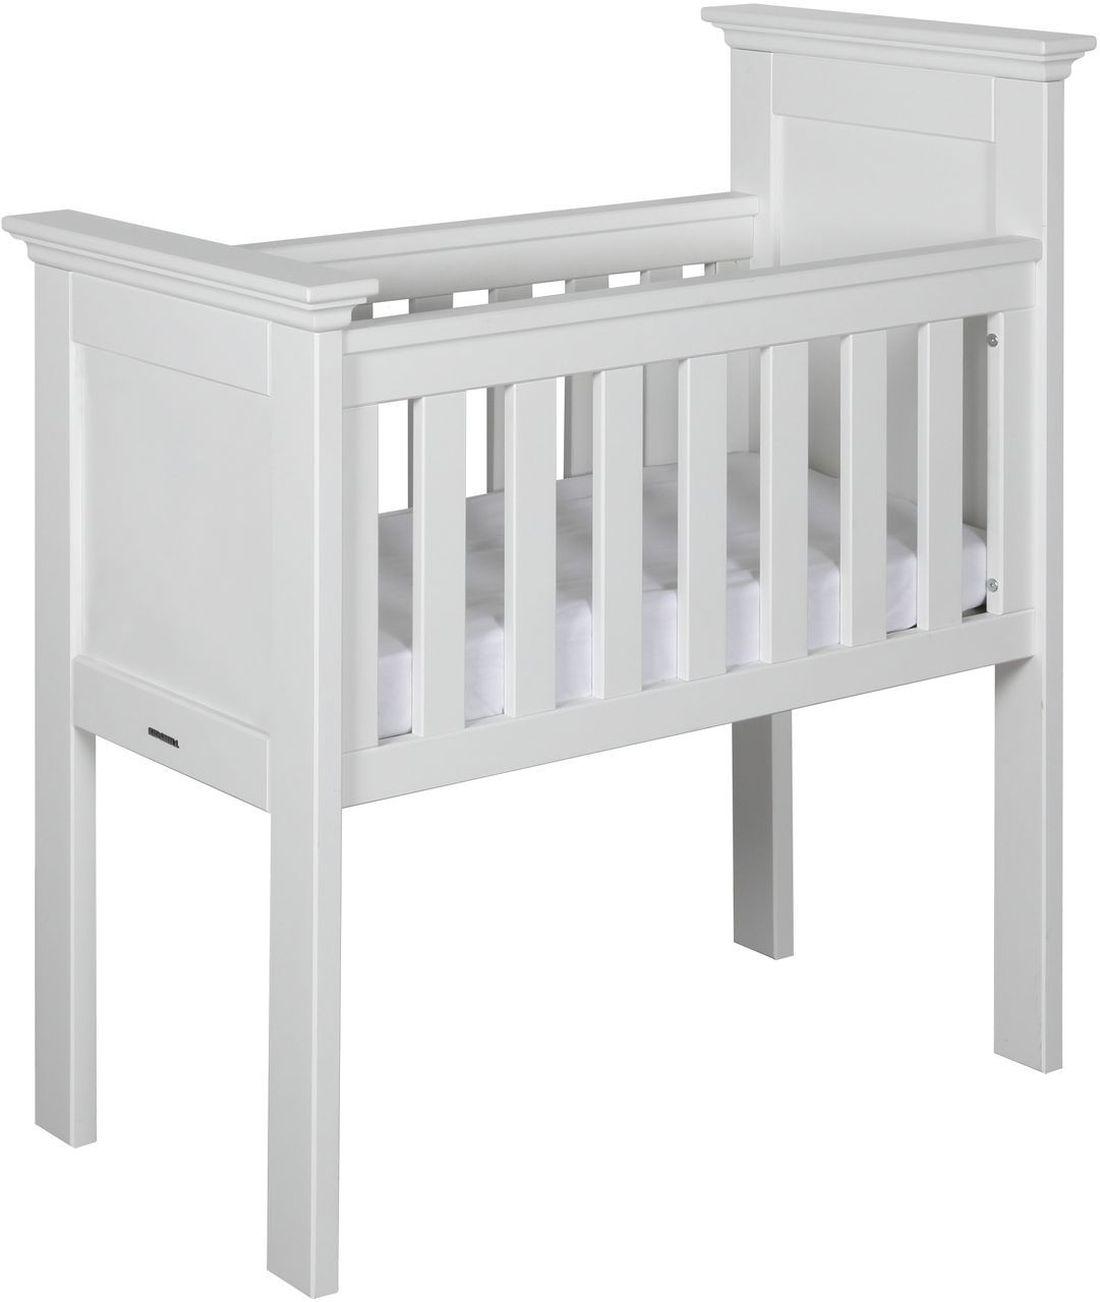 kidsmill babywiege savona ohne kreuz wei babywiegen beistellbetten kinderzimmerm bel. Black Bedroom Furniture Sets. Home Design Ideas